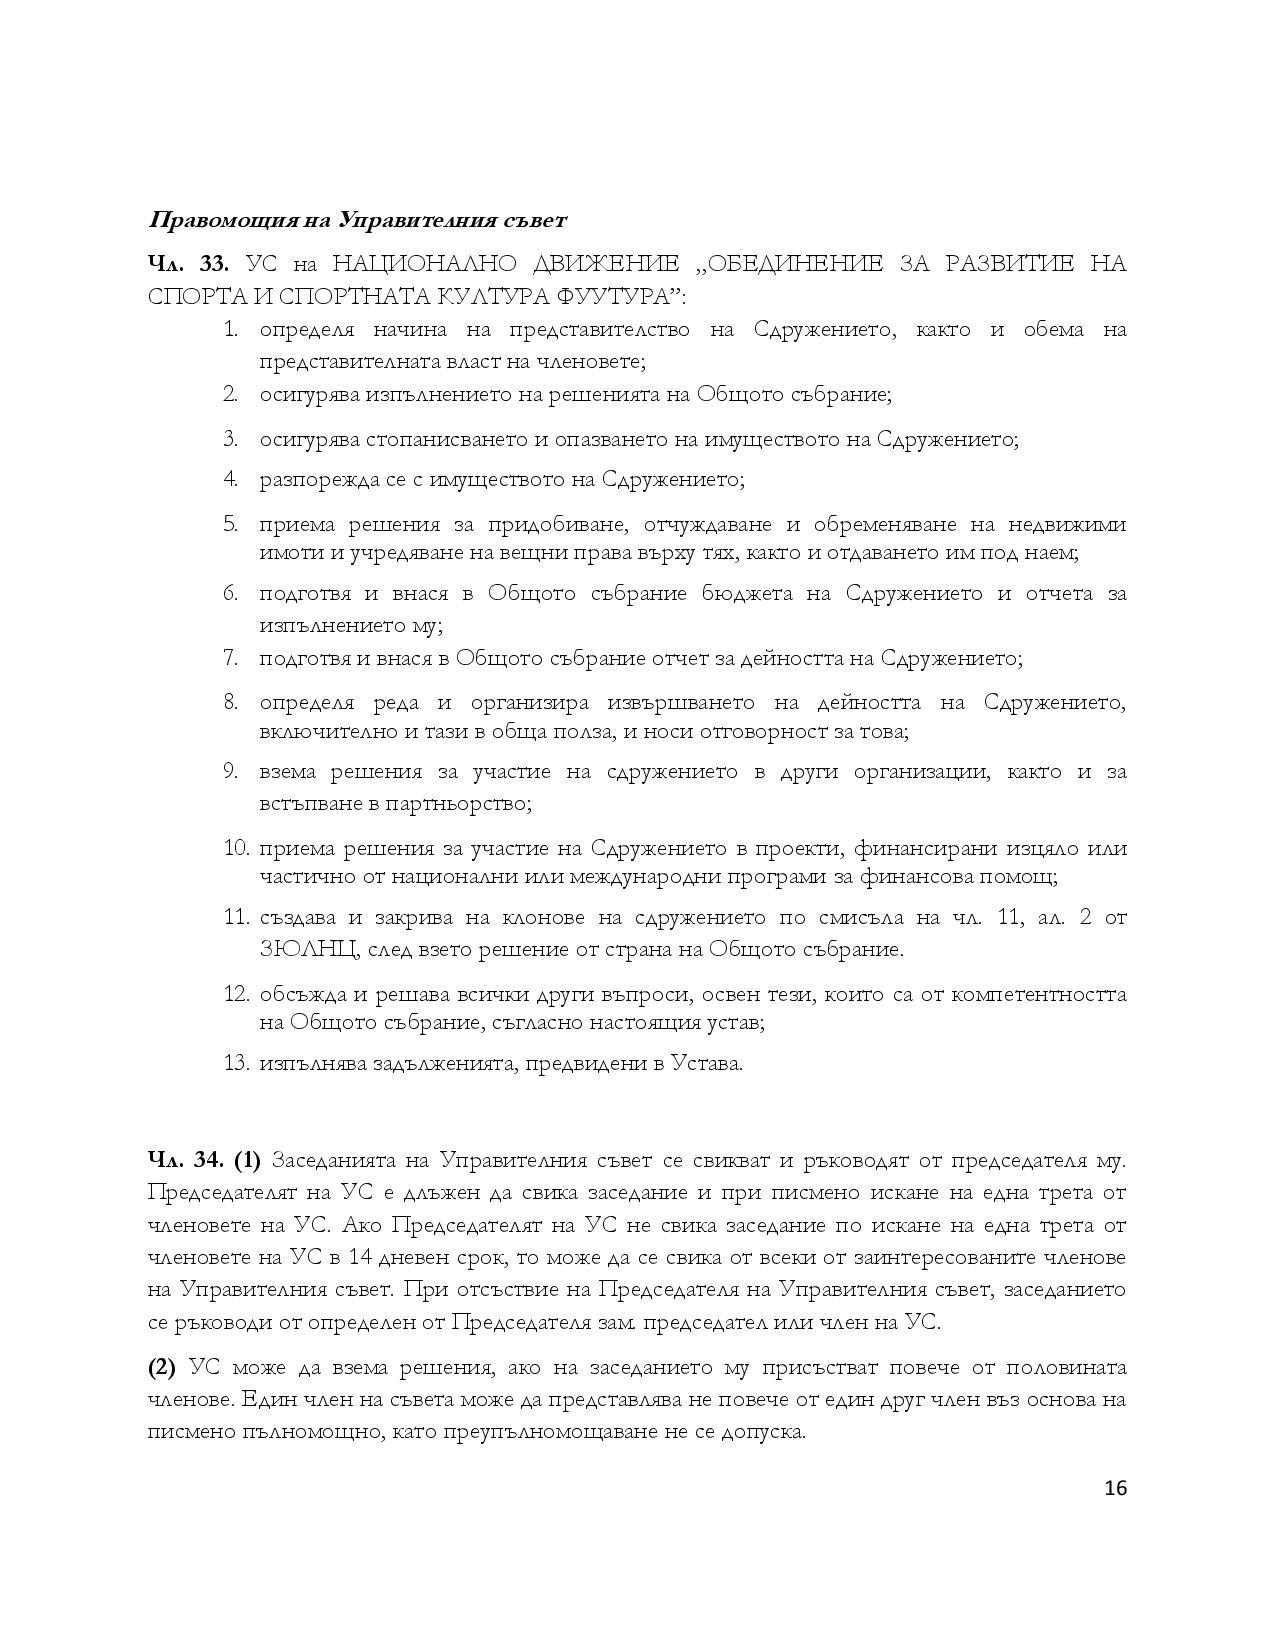 Ustav_Footura_final_2013-page-016